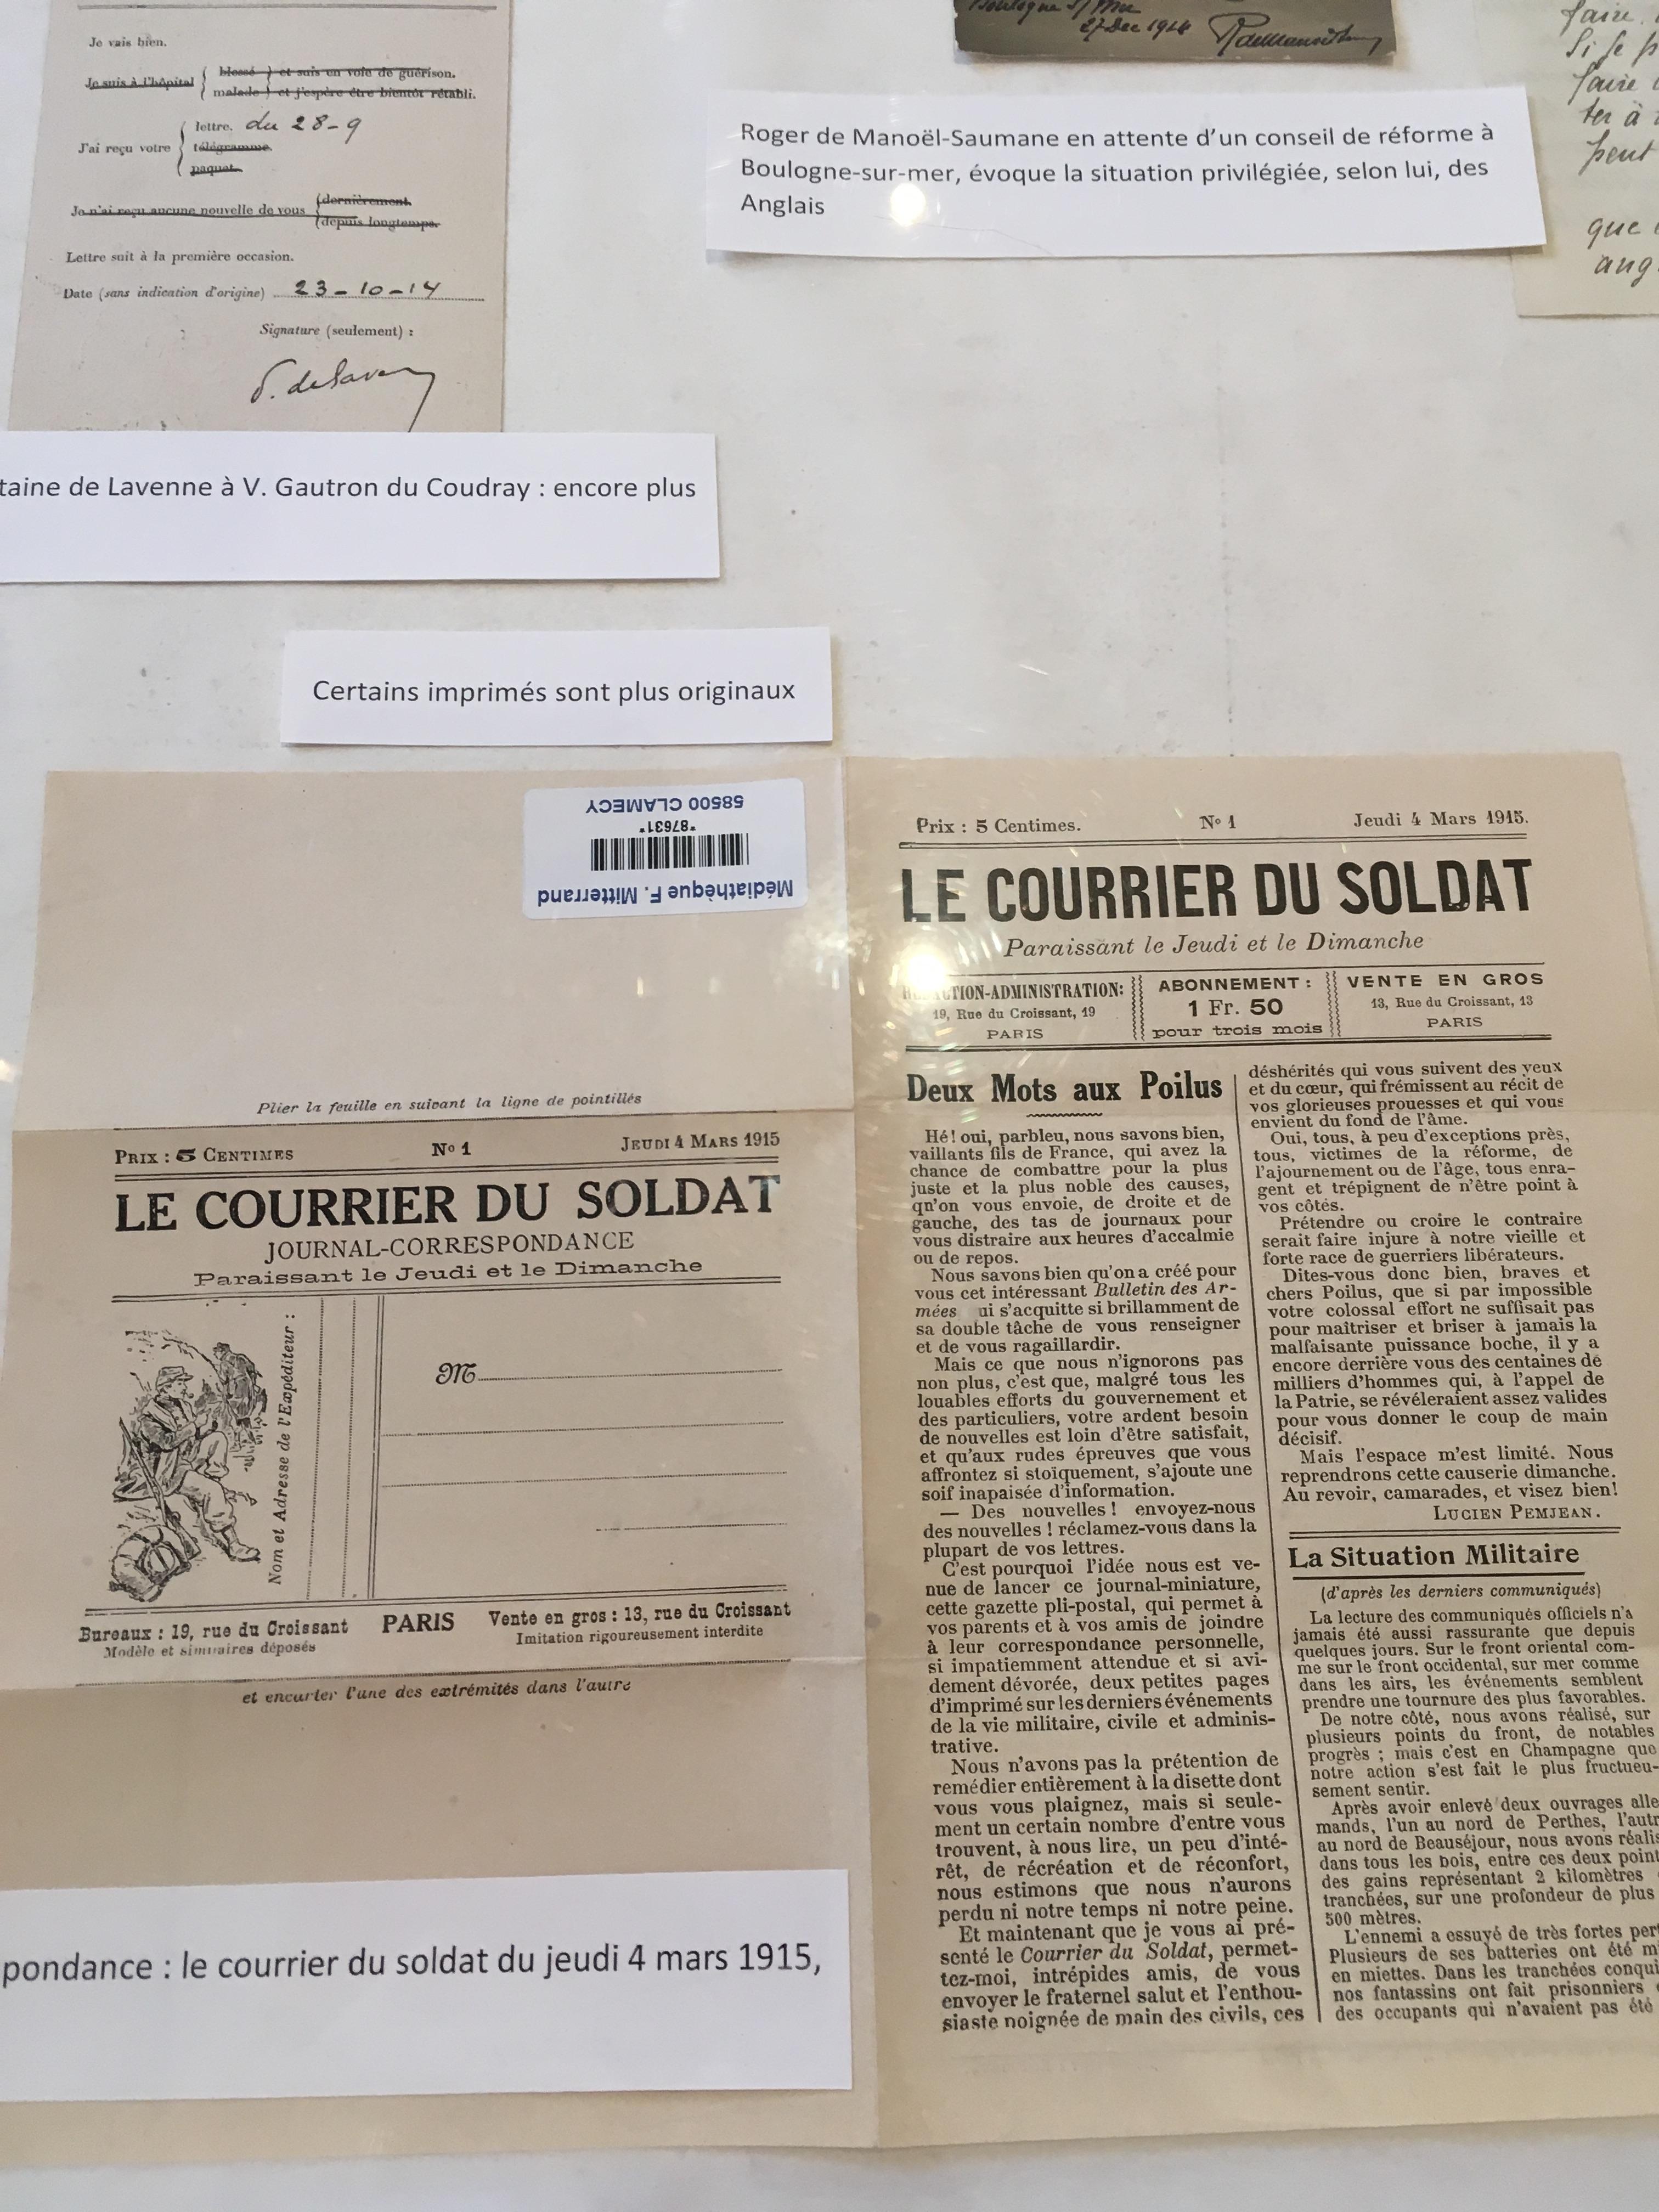 2018.10.09-3eme-expo-propagande-guerre.07